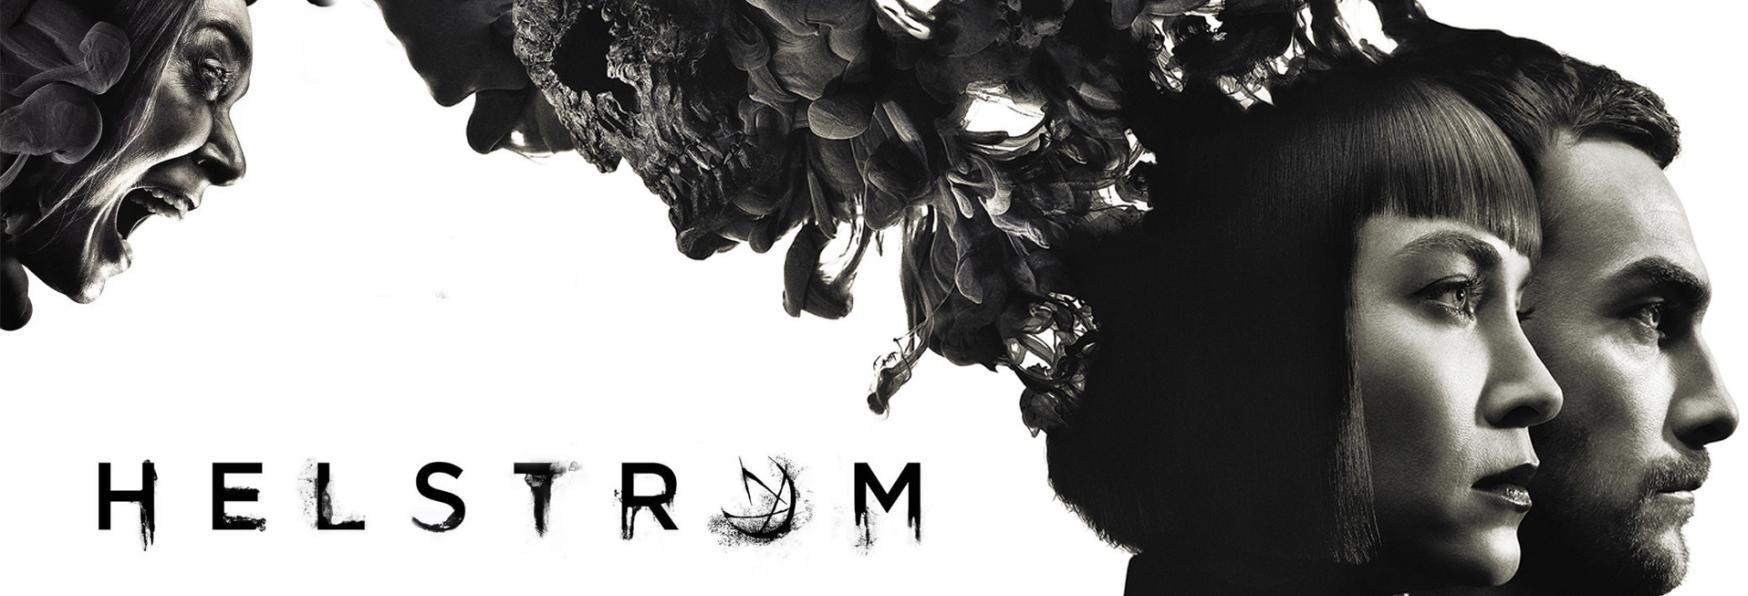 Helstrom: Recensione dei Primi Tre Episodi della nuova Serie TV Hulu